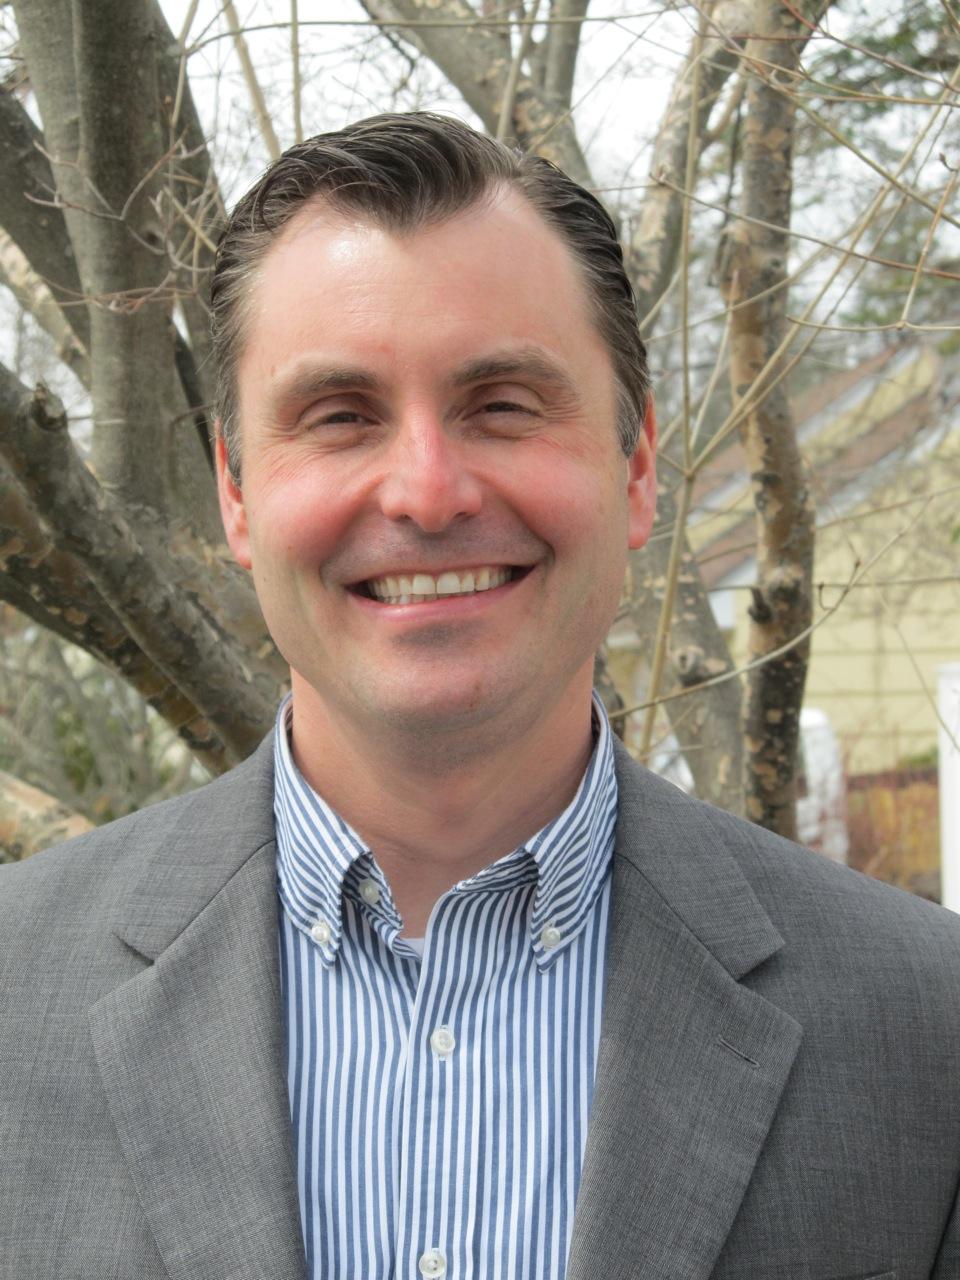 Chris Brooks